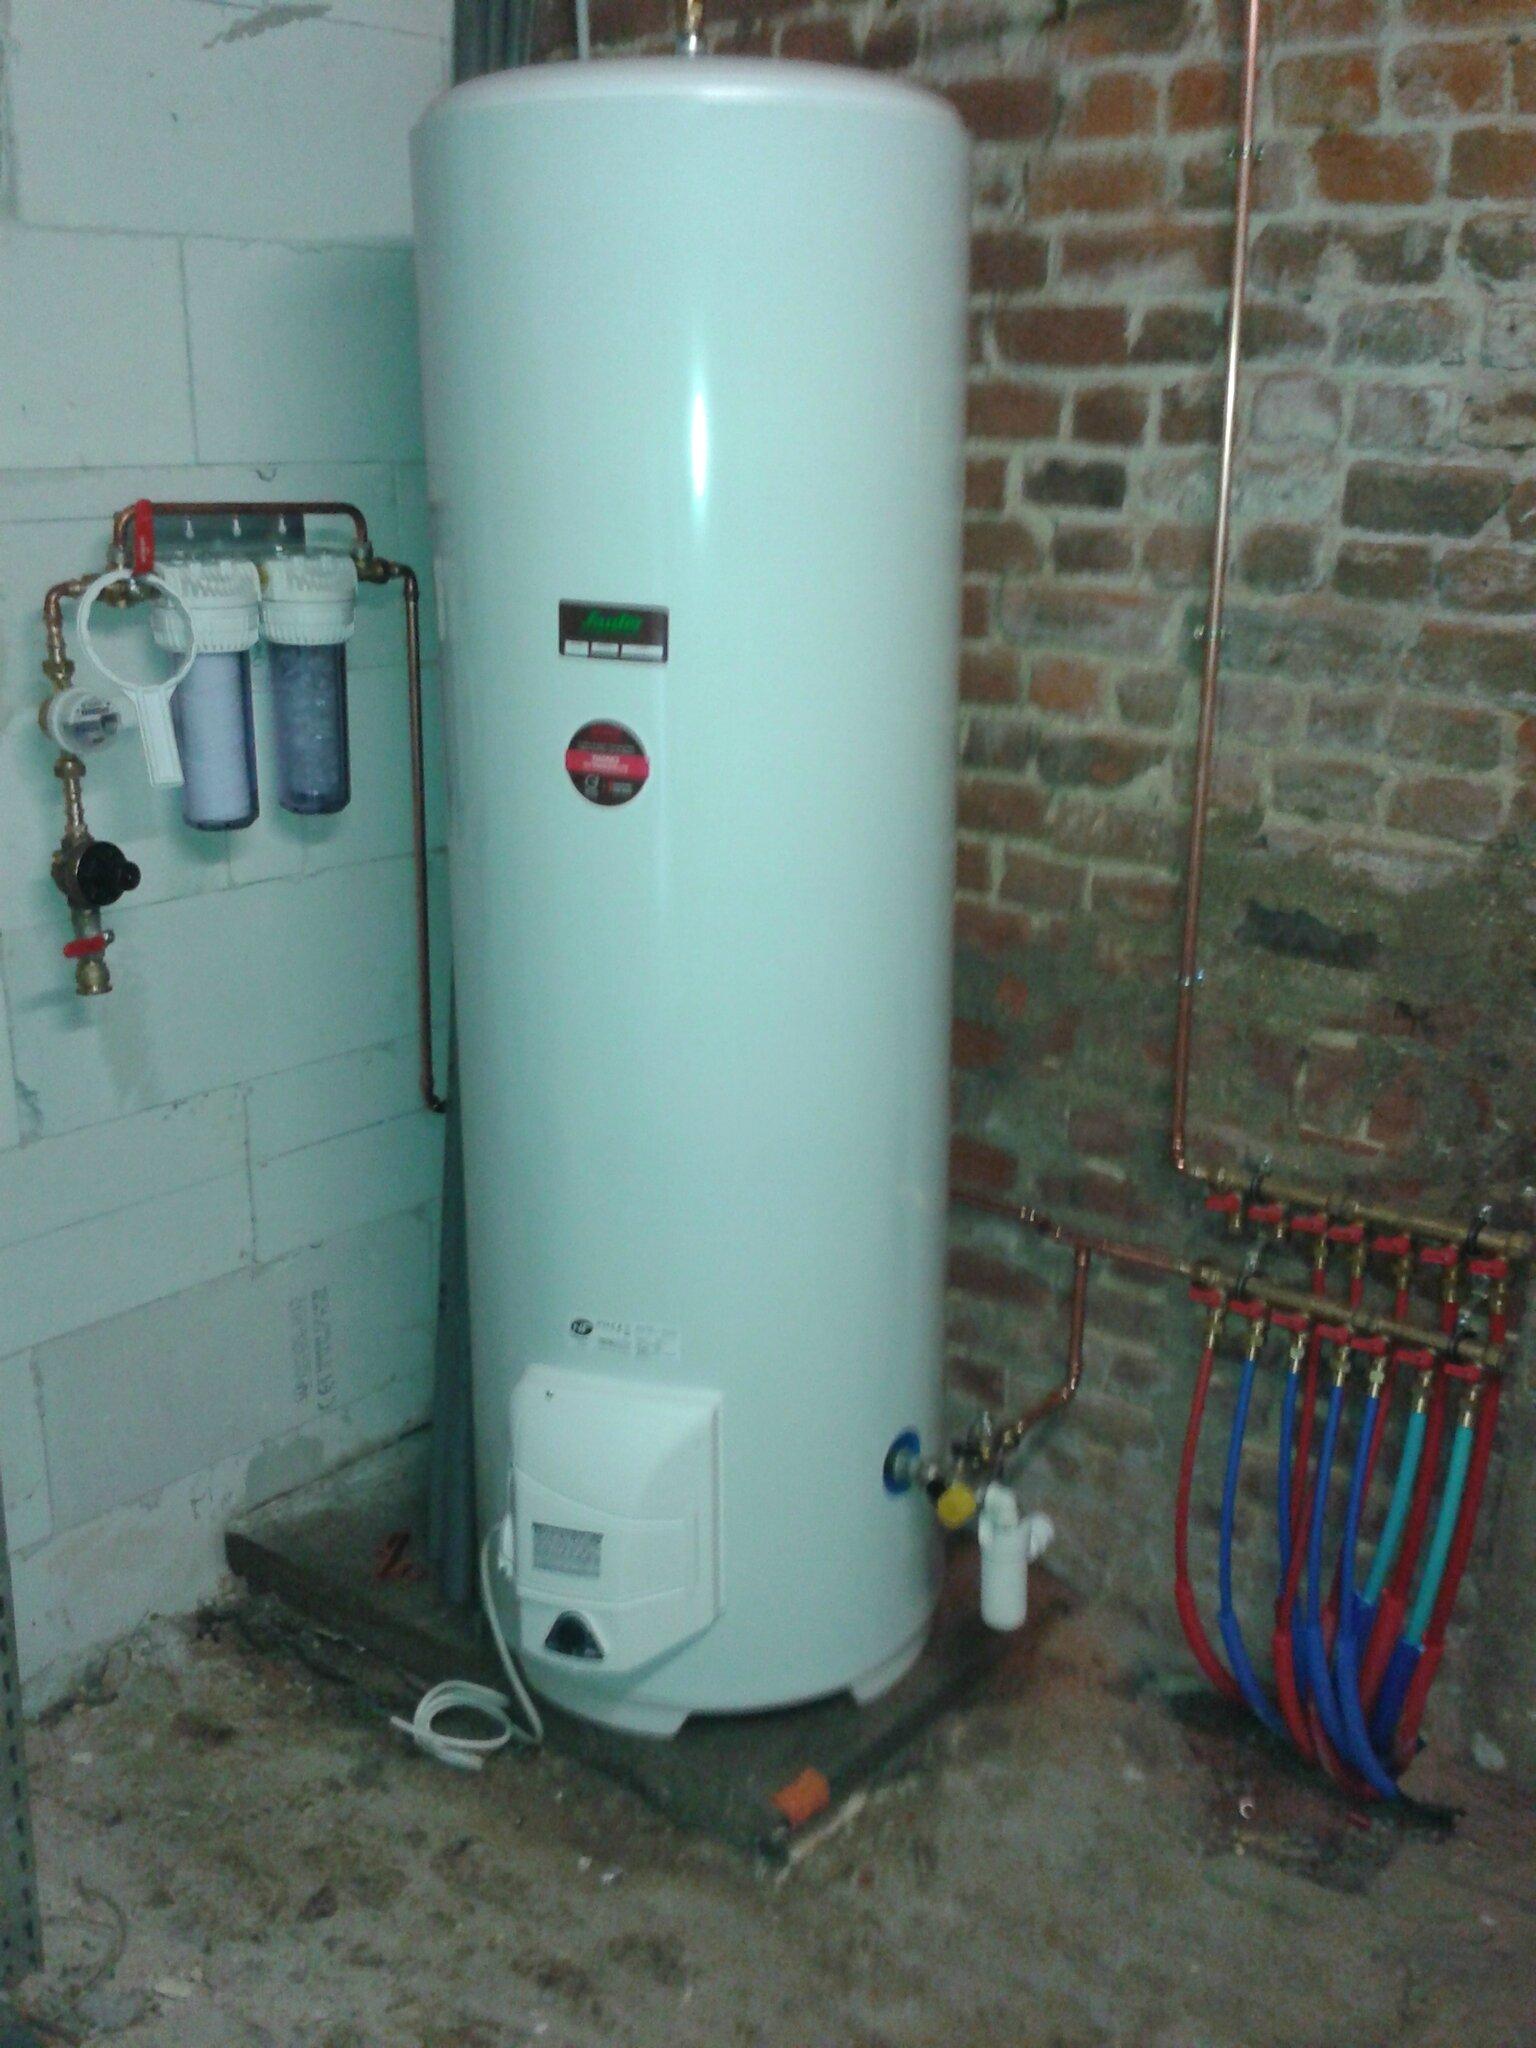 Chauffe eau install nourrice arriv e d 39 eau transformation d 39 une - Arrivee d eau chauffe eau ...